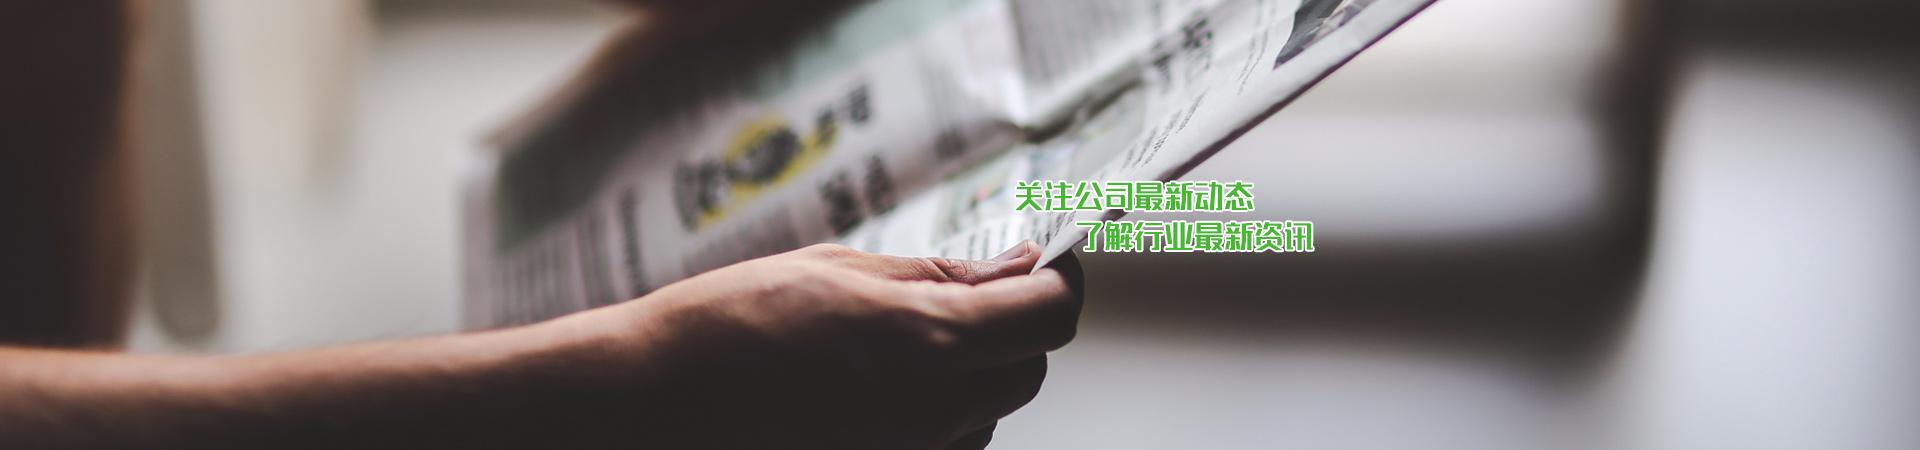 新闻资讯banner